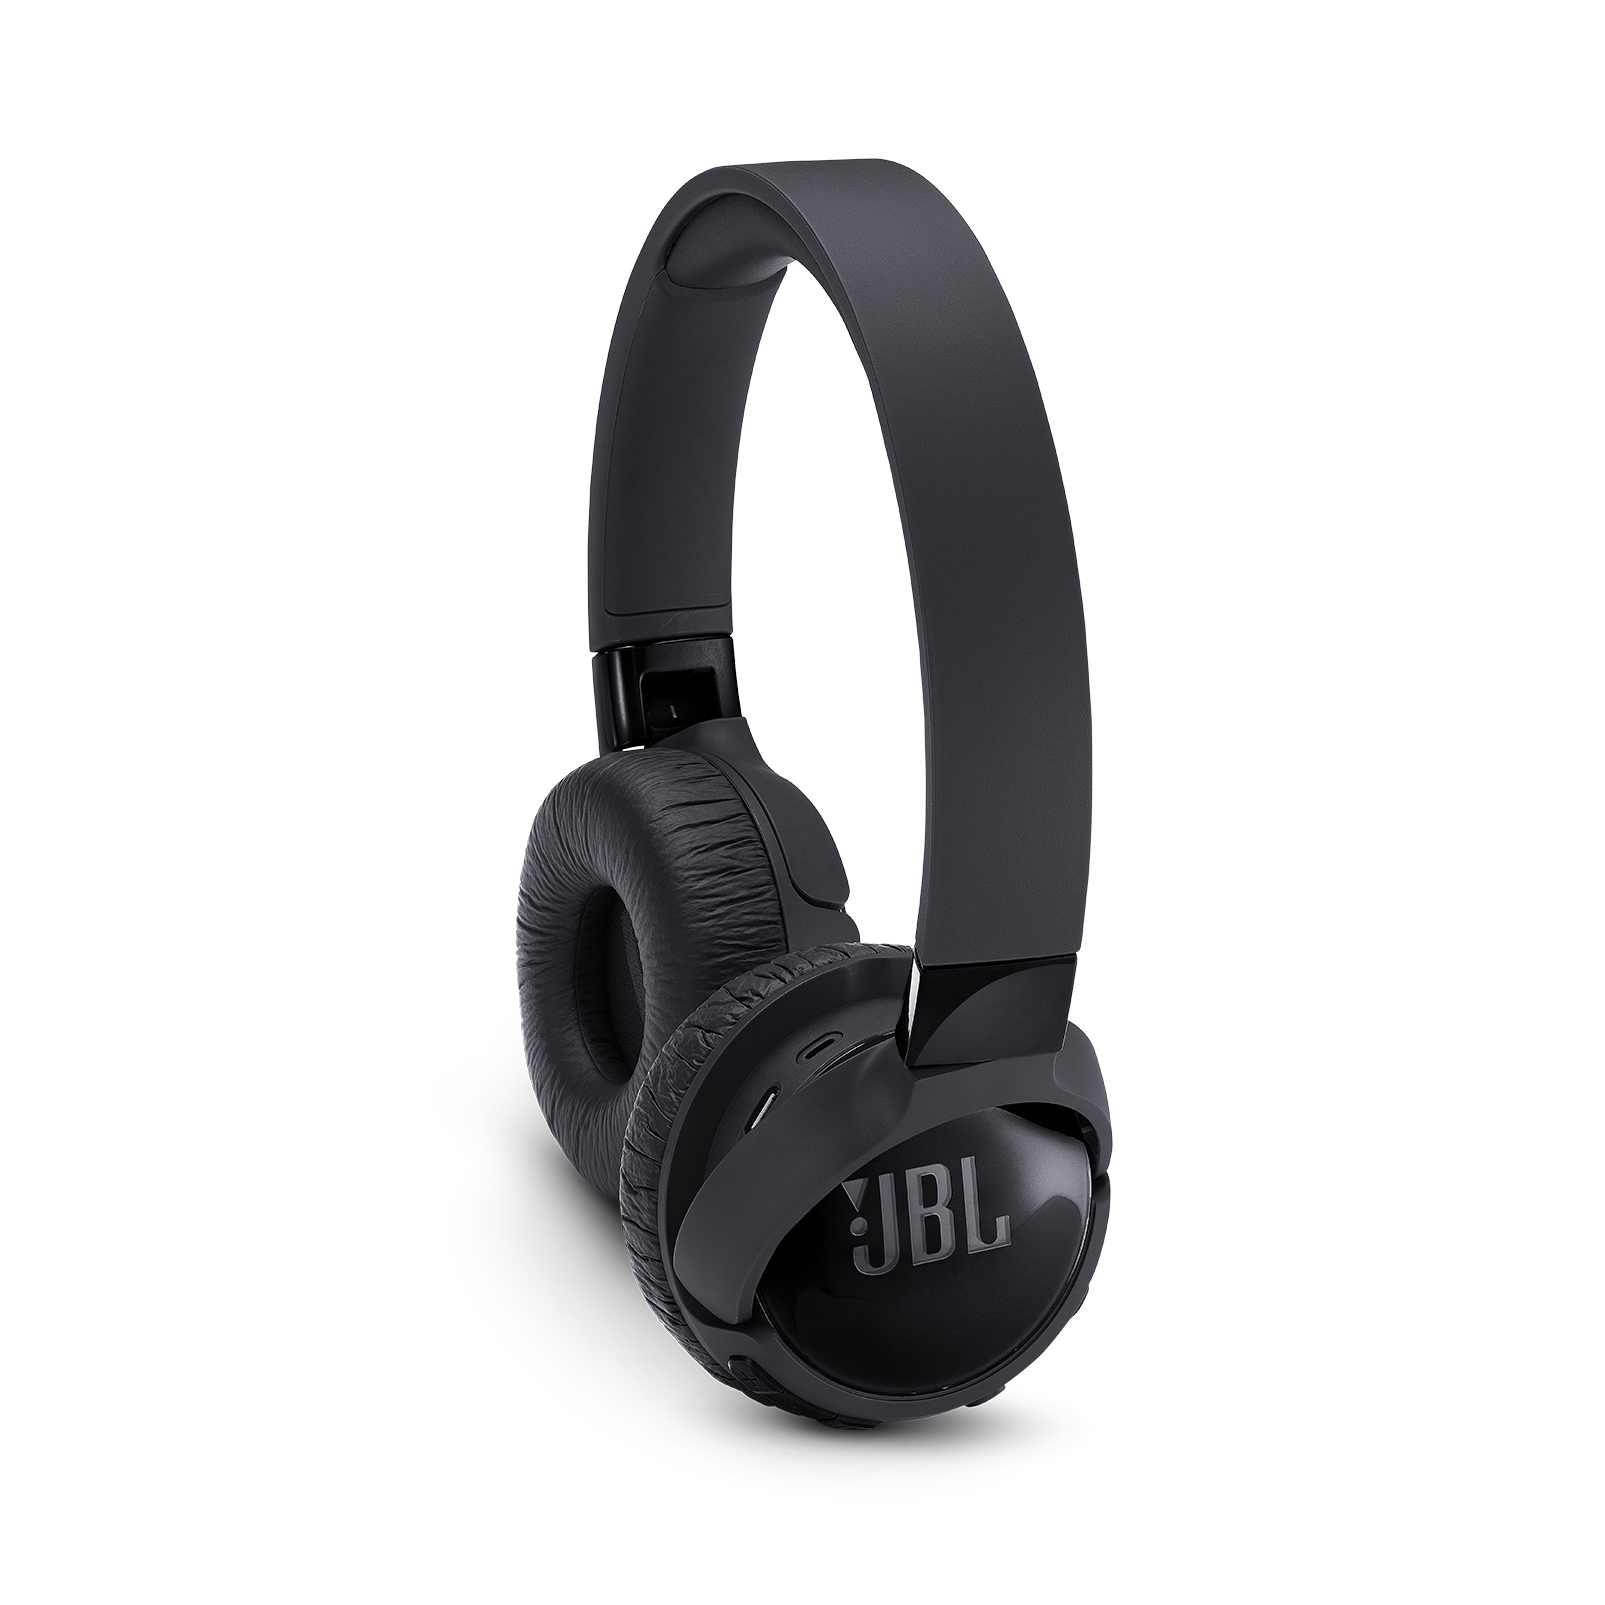 Fone de Ouvido Bluetooth JBL Tune 600BTNC - Preto JBLT600BTNCBLK